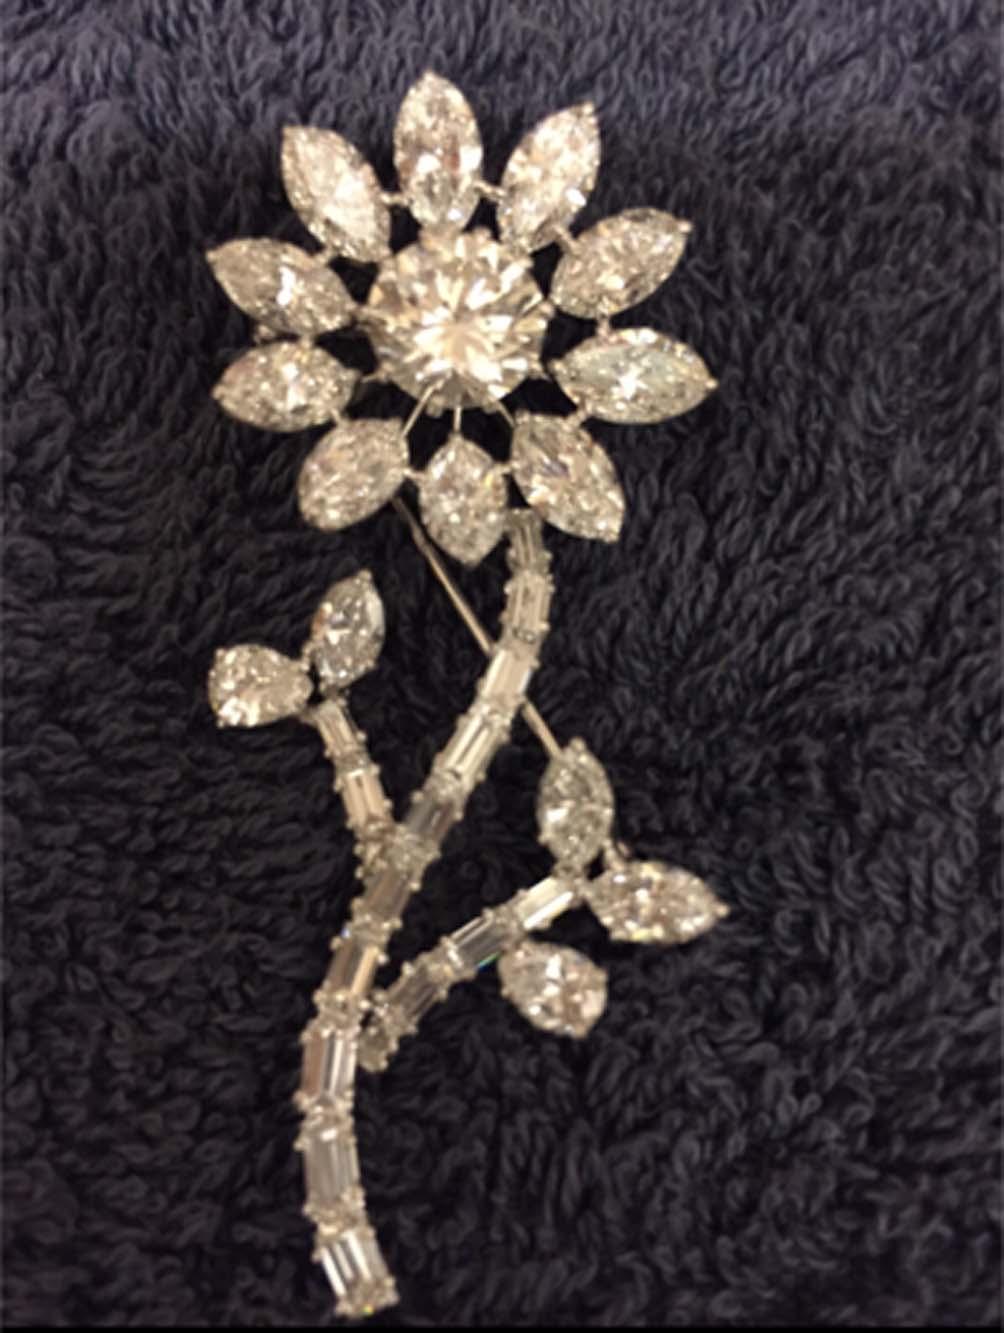 Broš sunce bijelo zlato 15 g, dijamant 2,63 ct SI1 G, ukupno 18 ct dijamanata